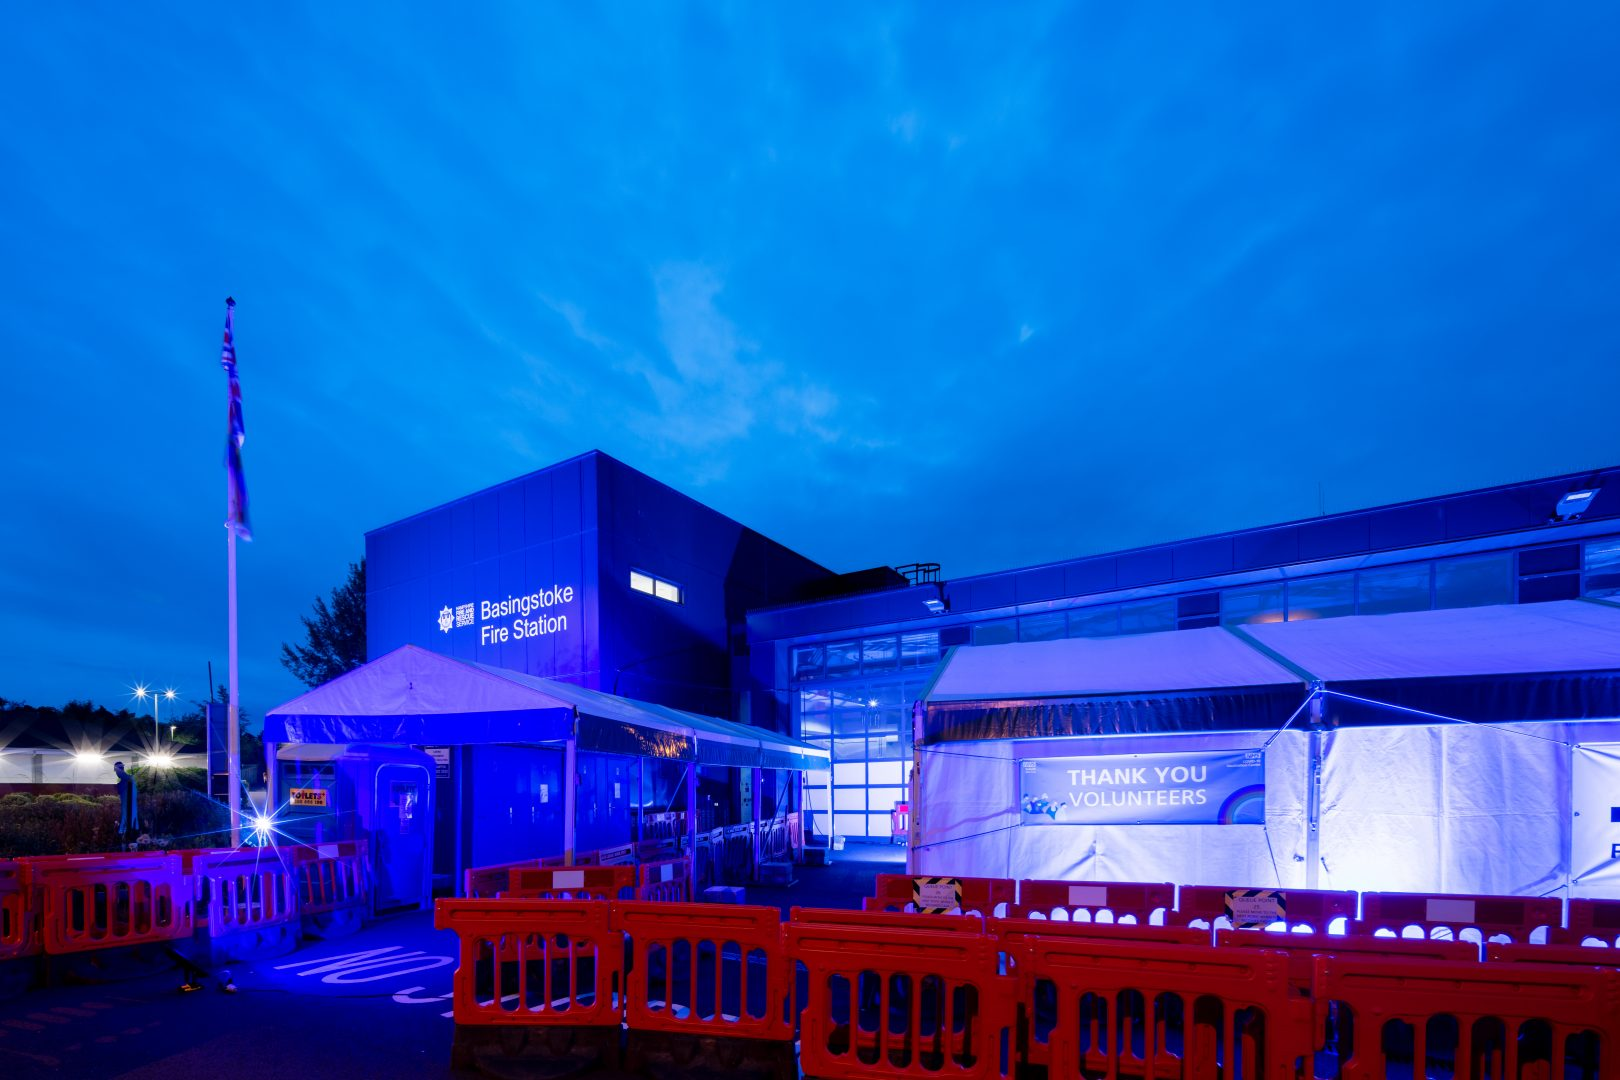 Our Basingstoke centre among country's landmarks lit blue